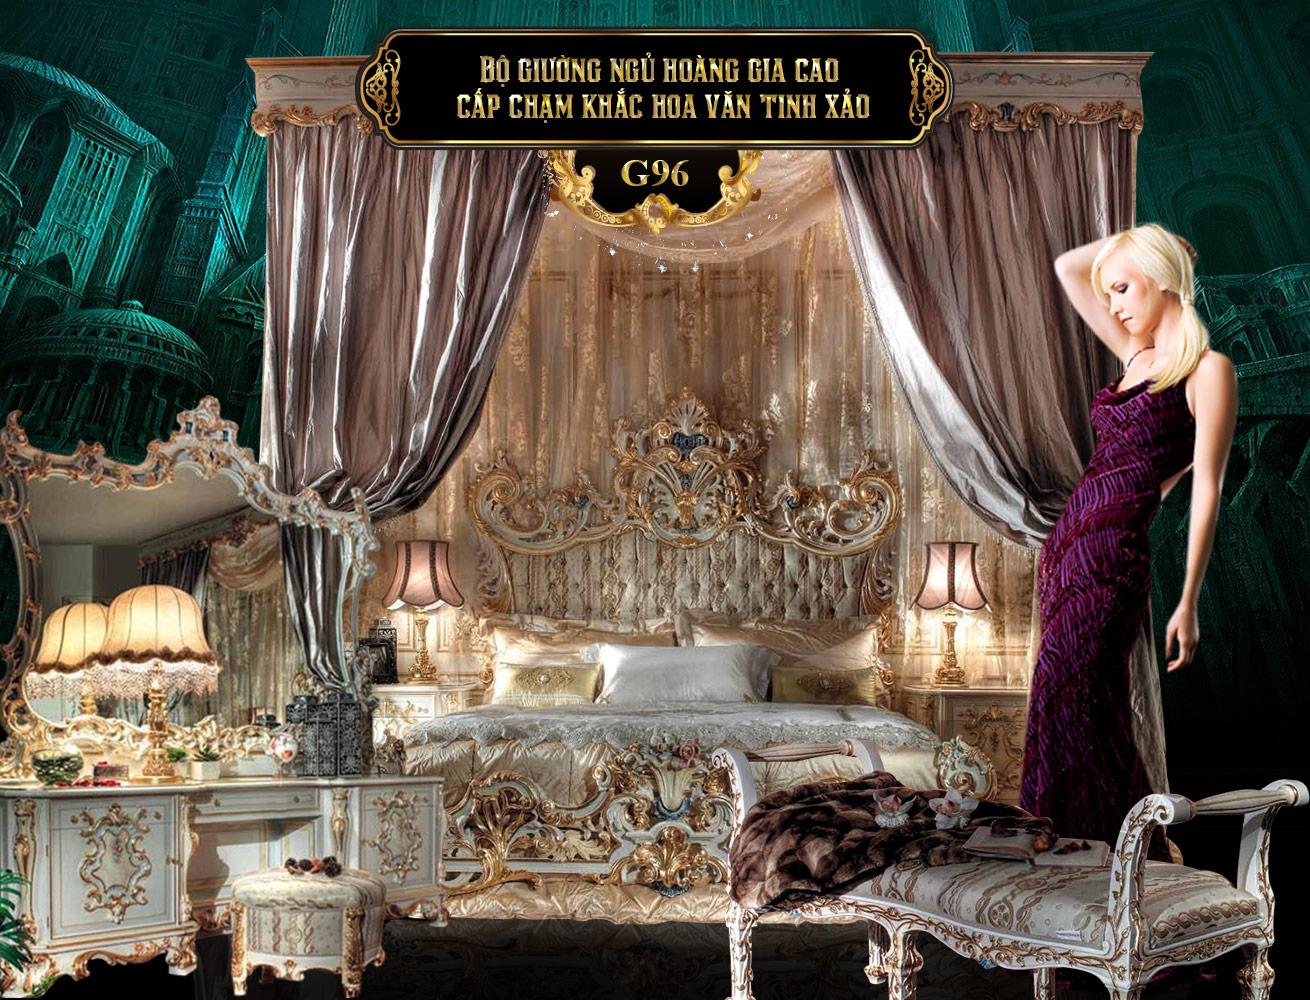 Bộ giường ngủ hoàng gia cao cấp G96 | Giường tân cổ điển hoàng gia | Giường ngủ tân cổ điển gỗ đẹp